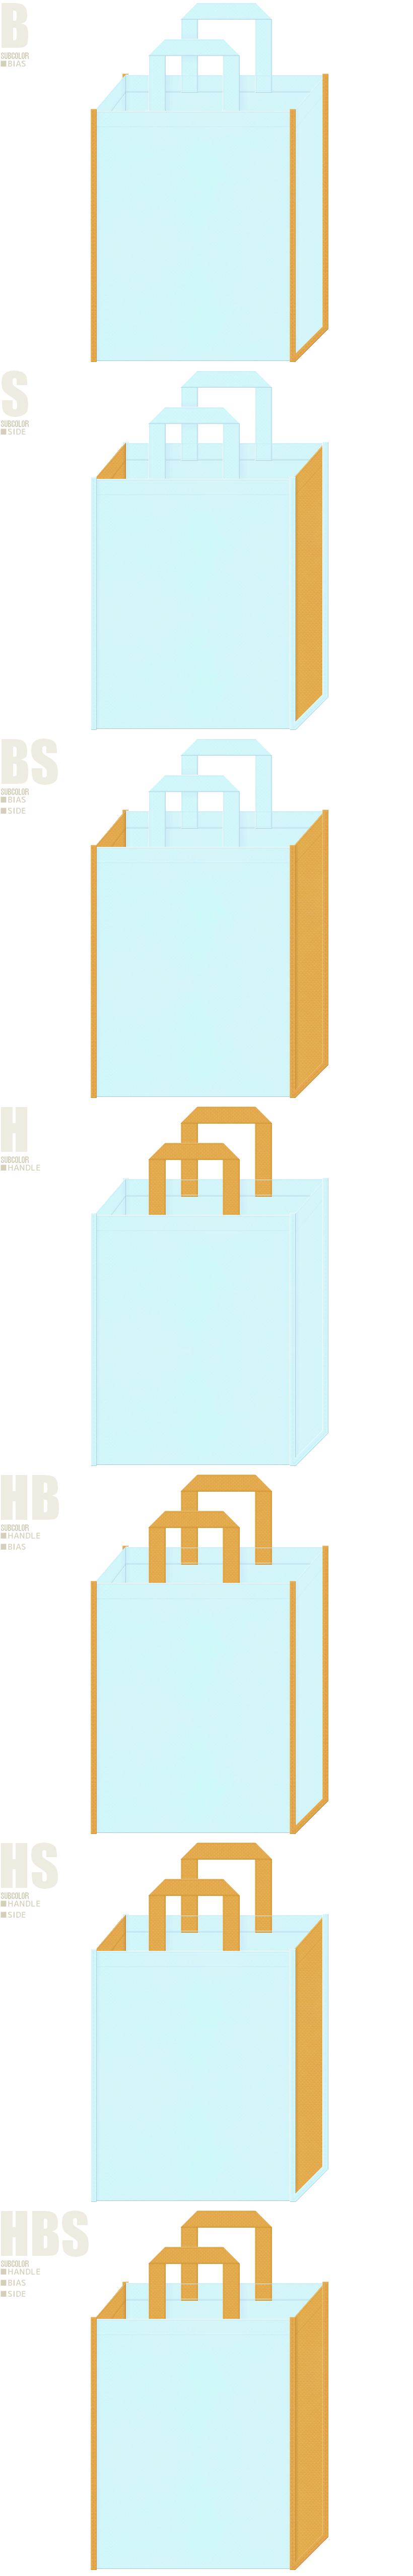 水色と黄土色-7パターンの不織布トートバッグ配色デザイン例